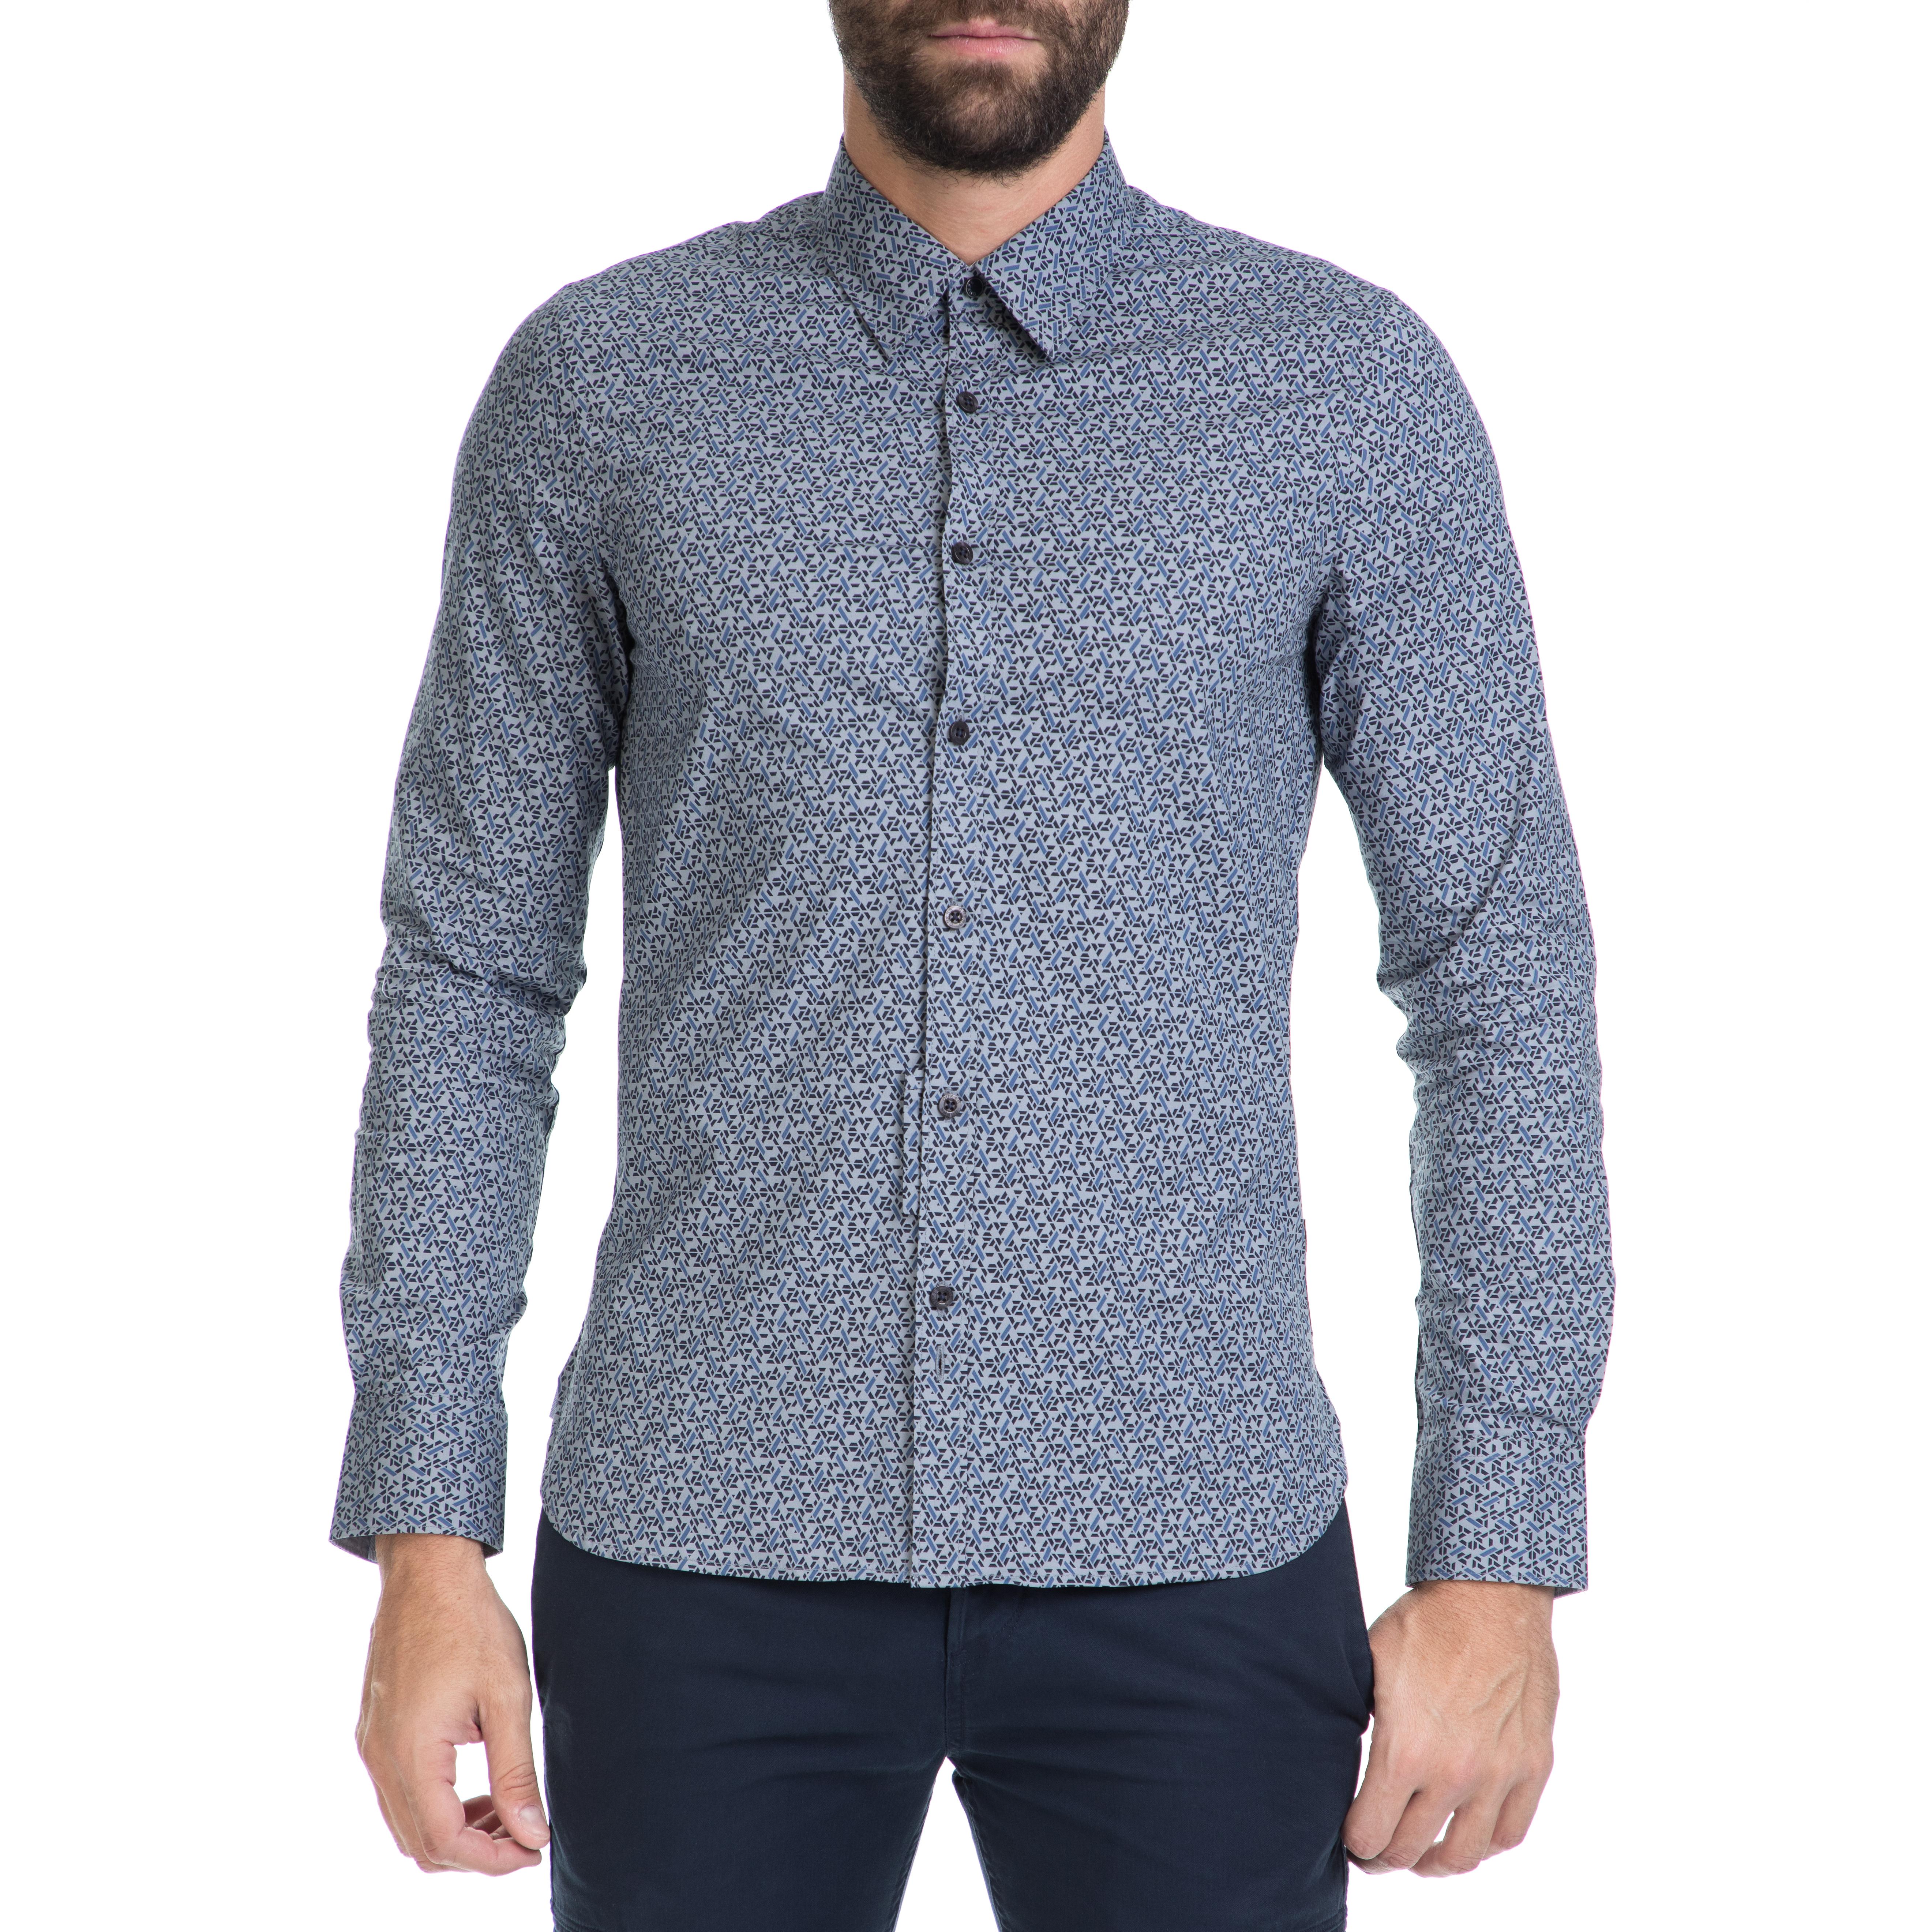 f9bafb79f685 GUESS - Ανδρικό πουκάμισο SUNSET GUESS γκρι-μπλε